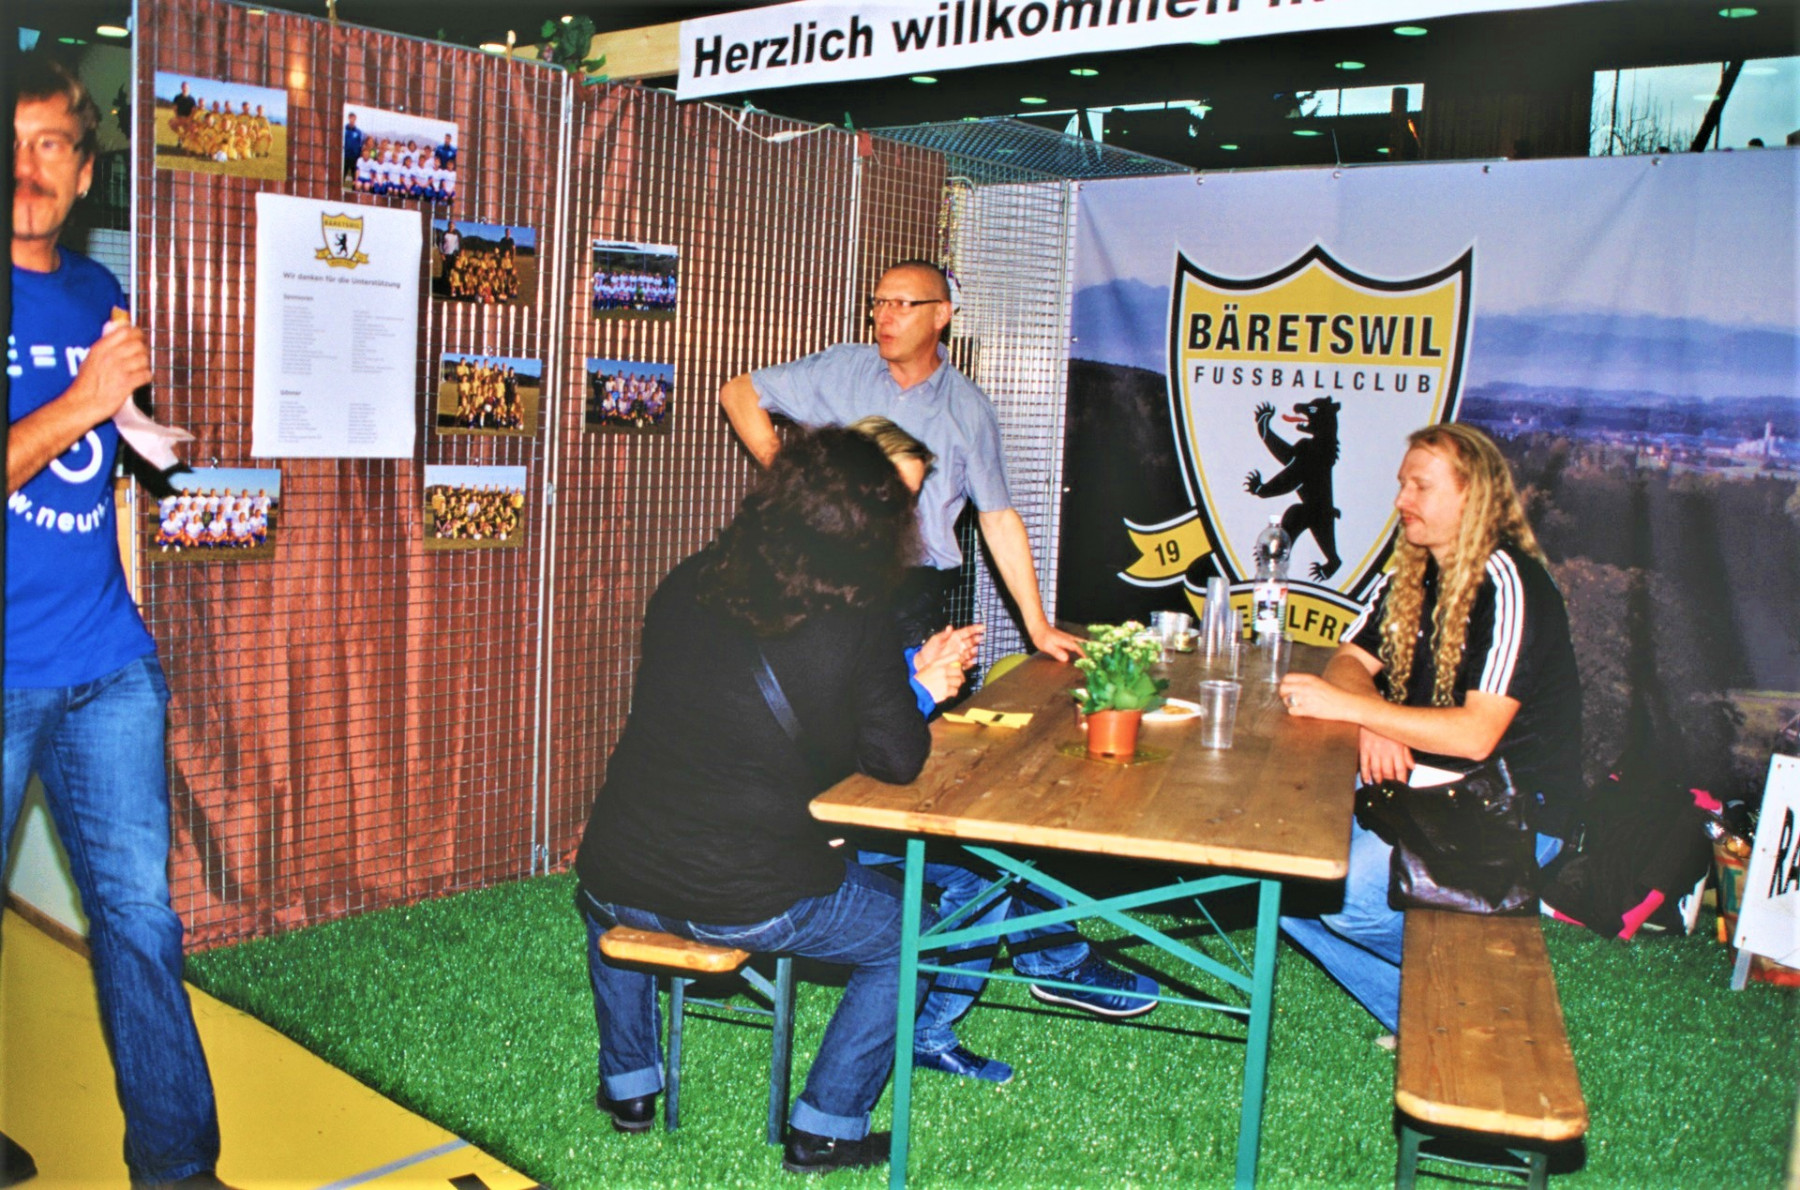 GeWA 12 FC Bäretswil